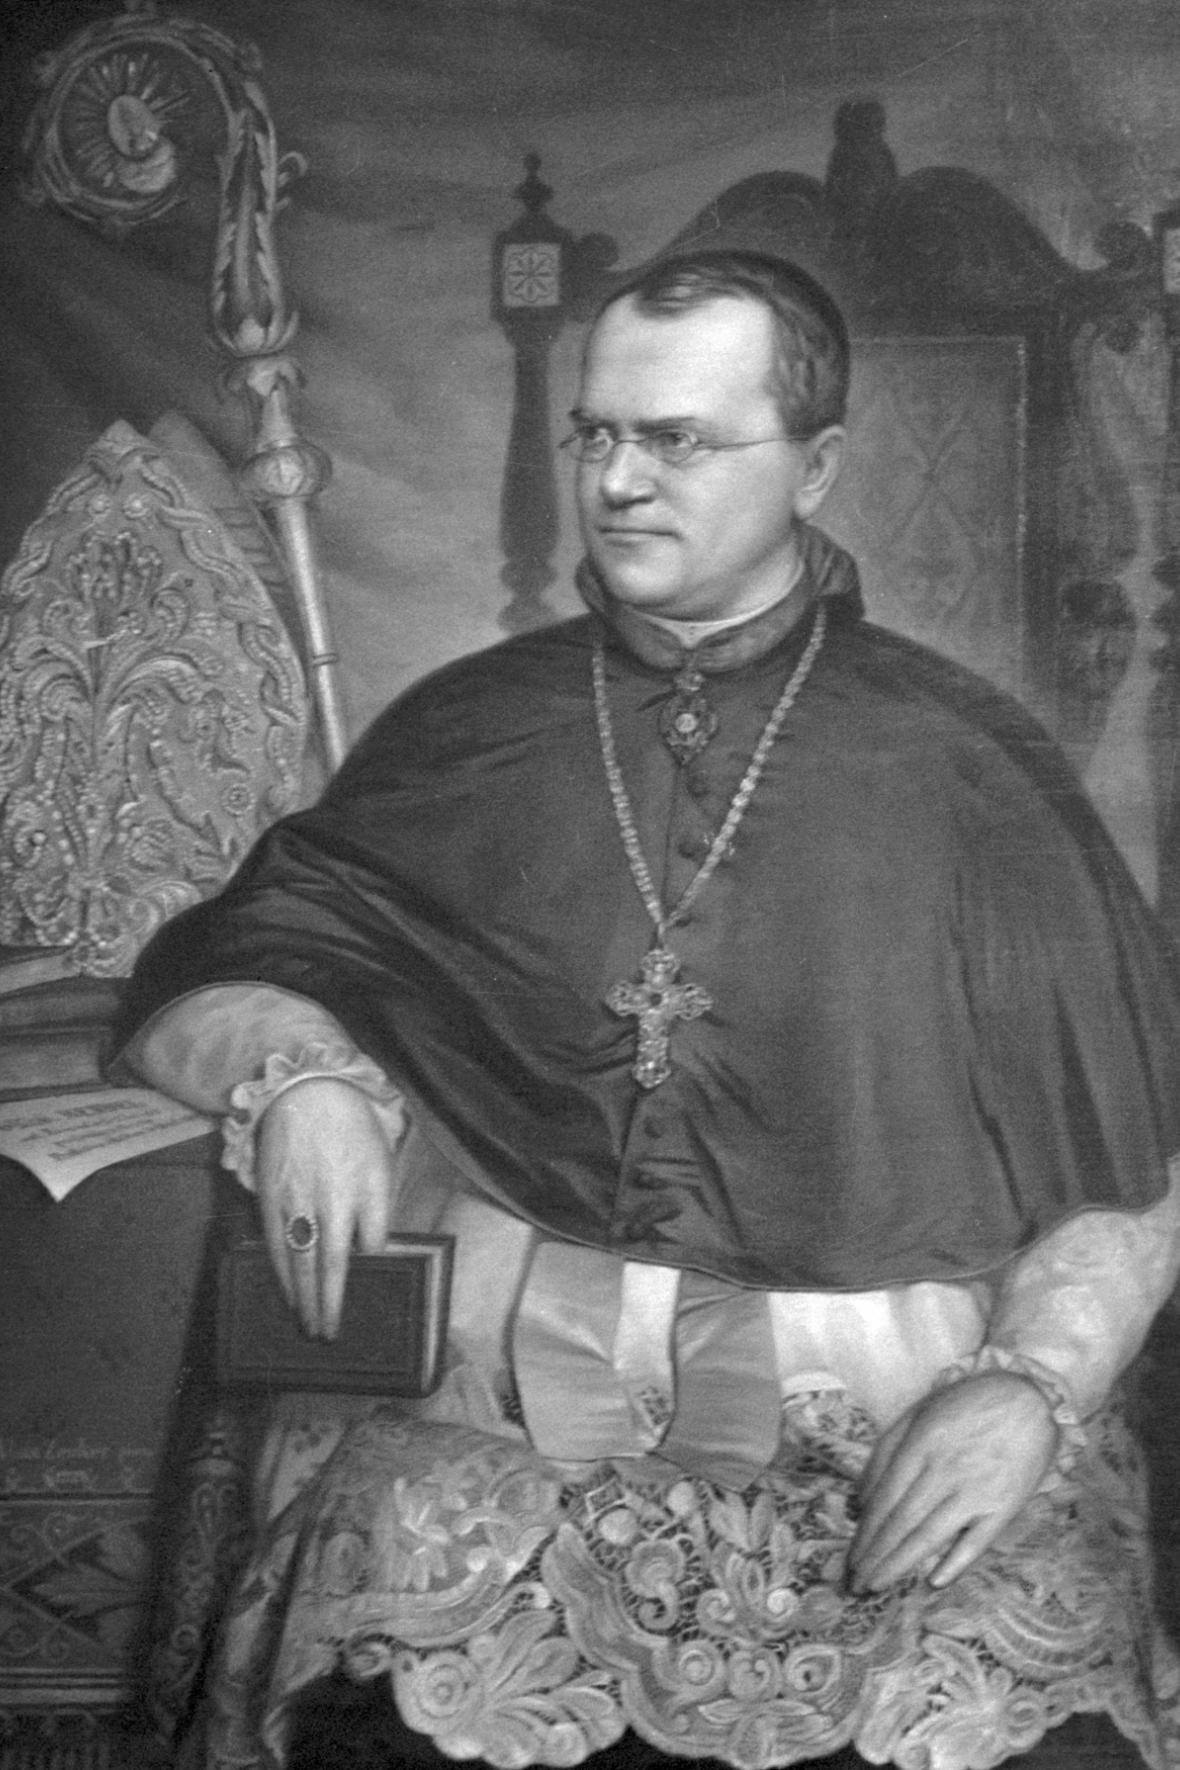 J. G. Mendel